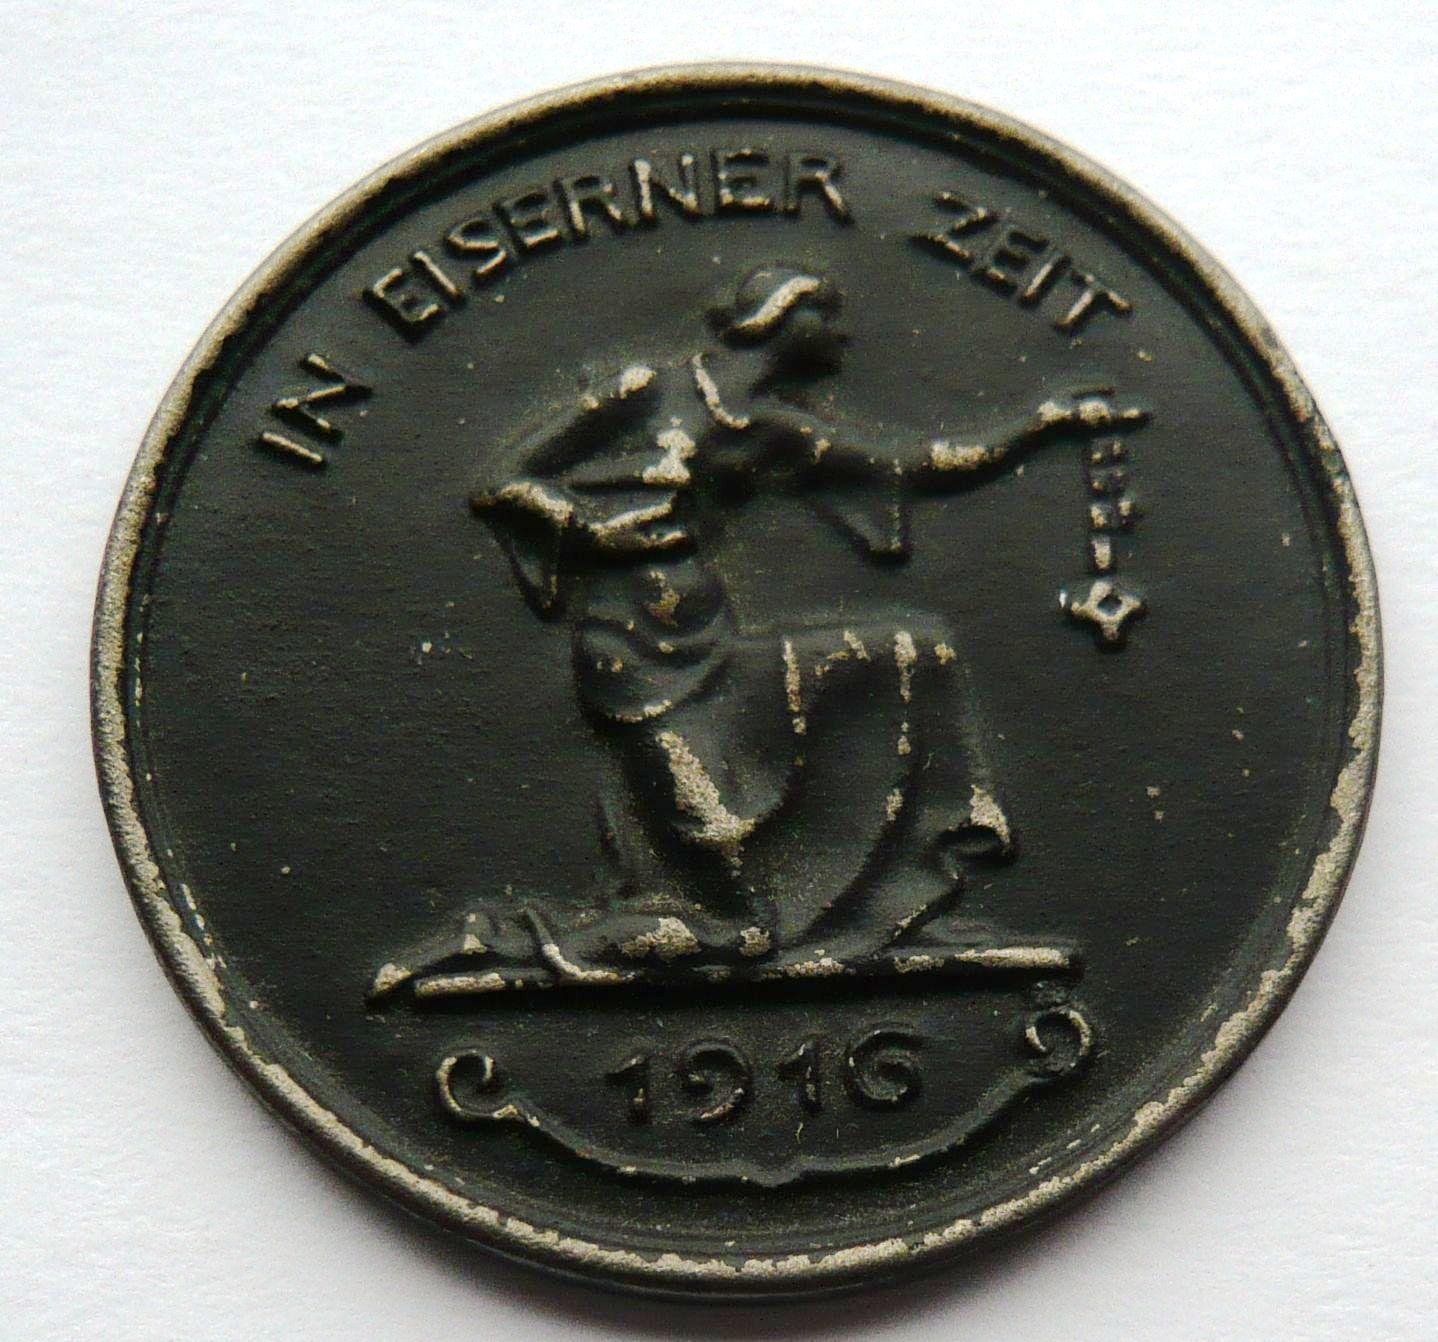 Německo medaile na drahofu 1916